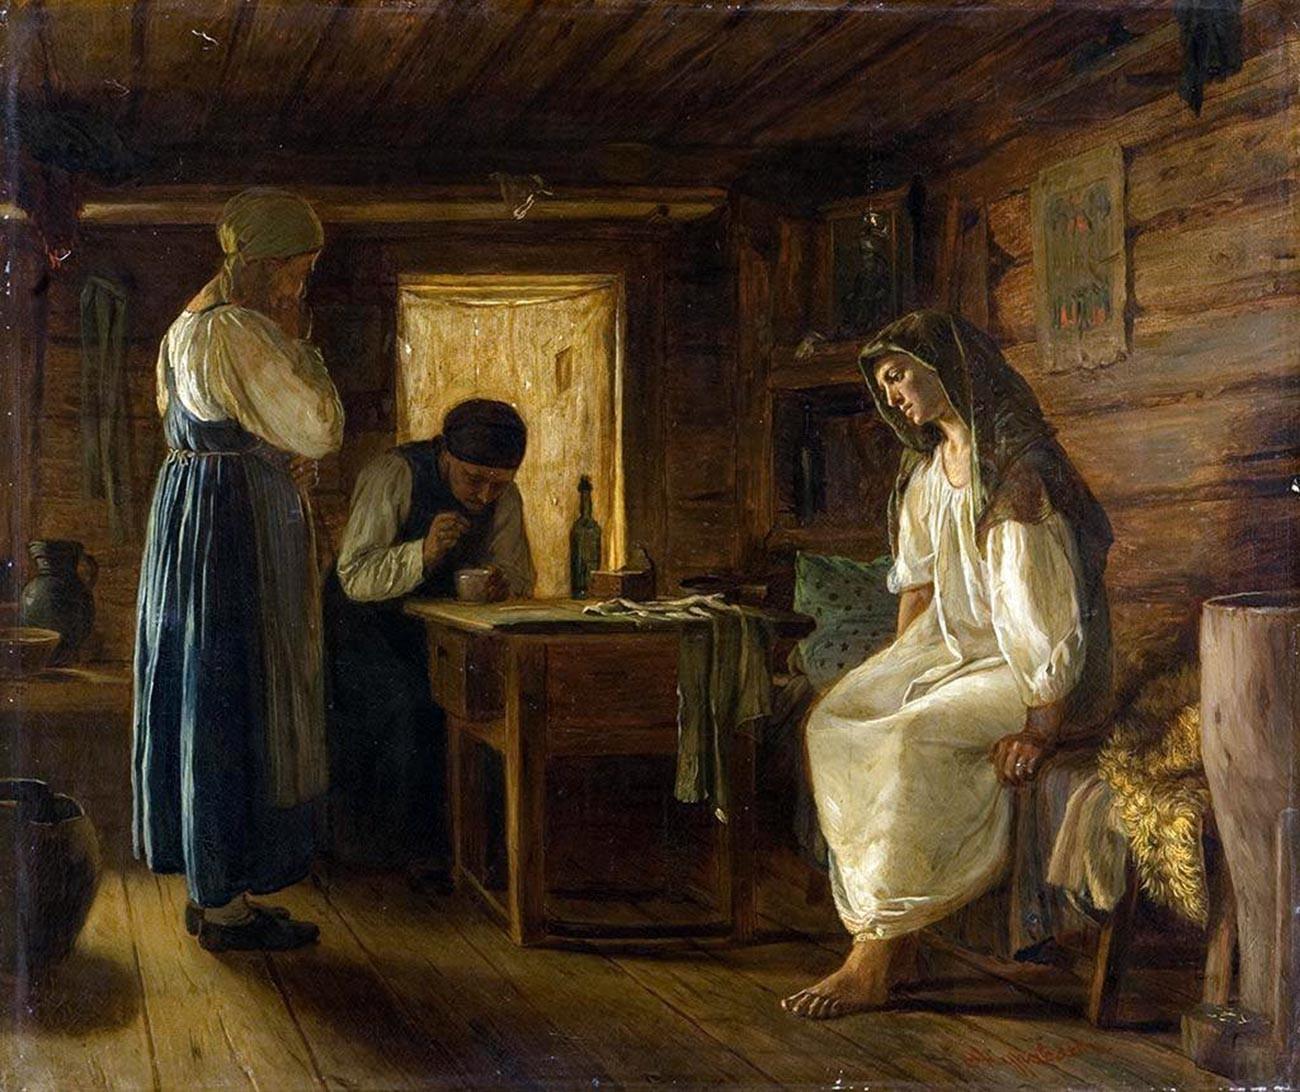 'A mulher sábia', de Firs Juravlev. As feiticeiras da aldeia costumavam ajudar as mulheres a se livrar de uma gravidez indesejada